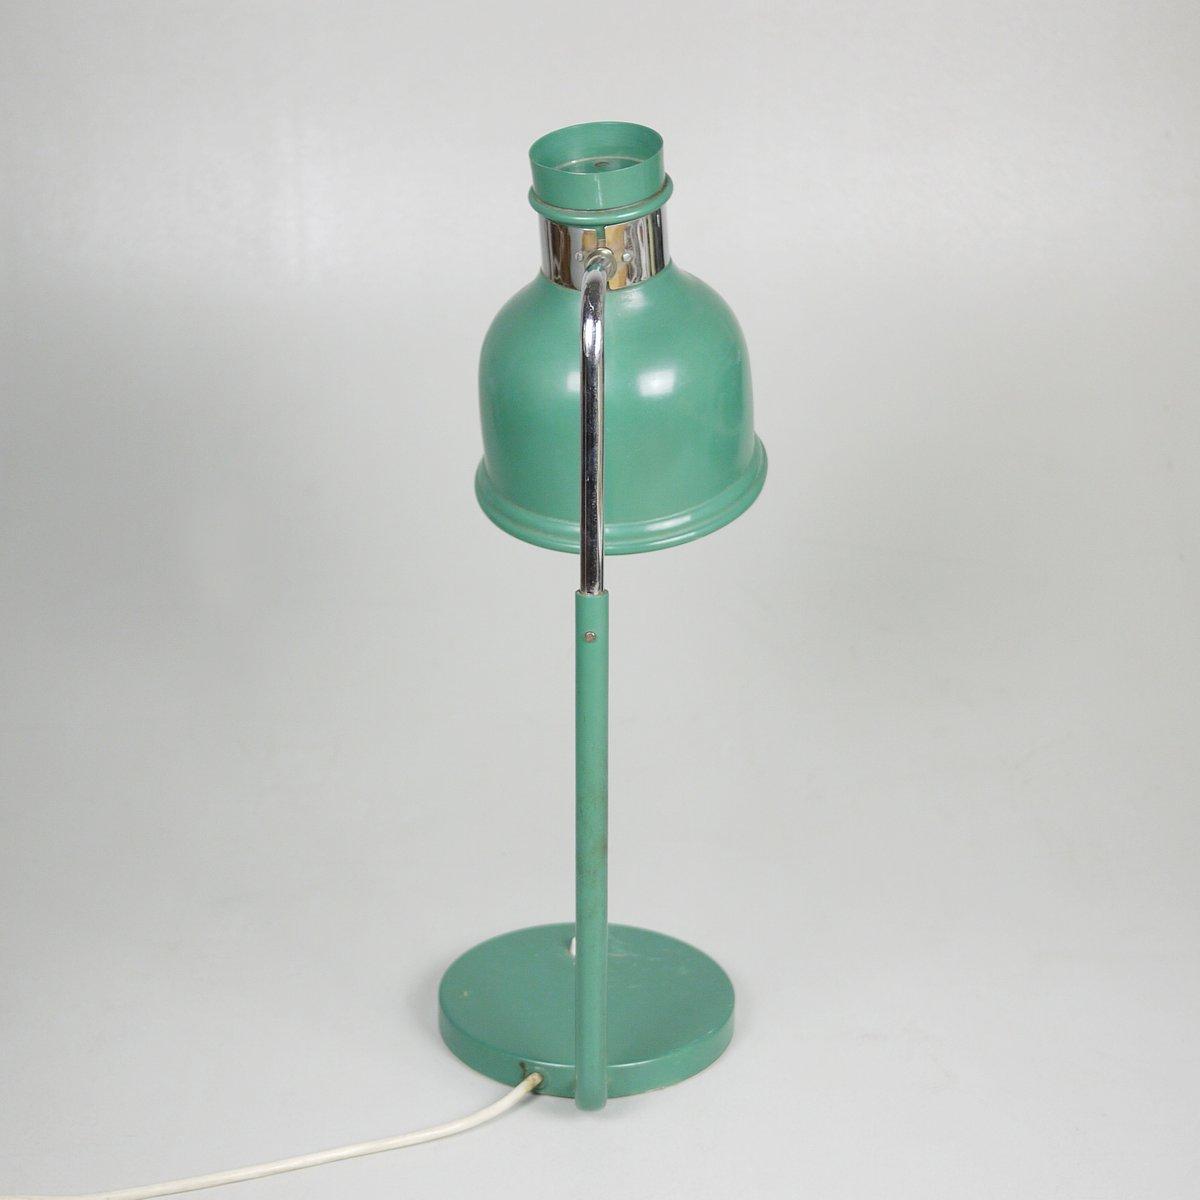 Lampe de bureau vintage industrielle verte 1970s en vente sur pamono - Lampe bureau industrielle ...